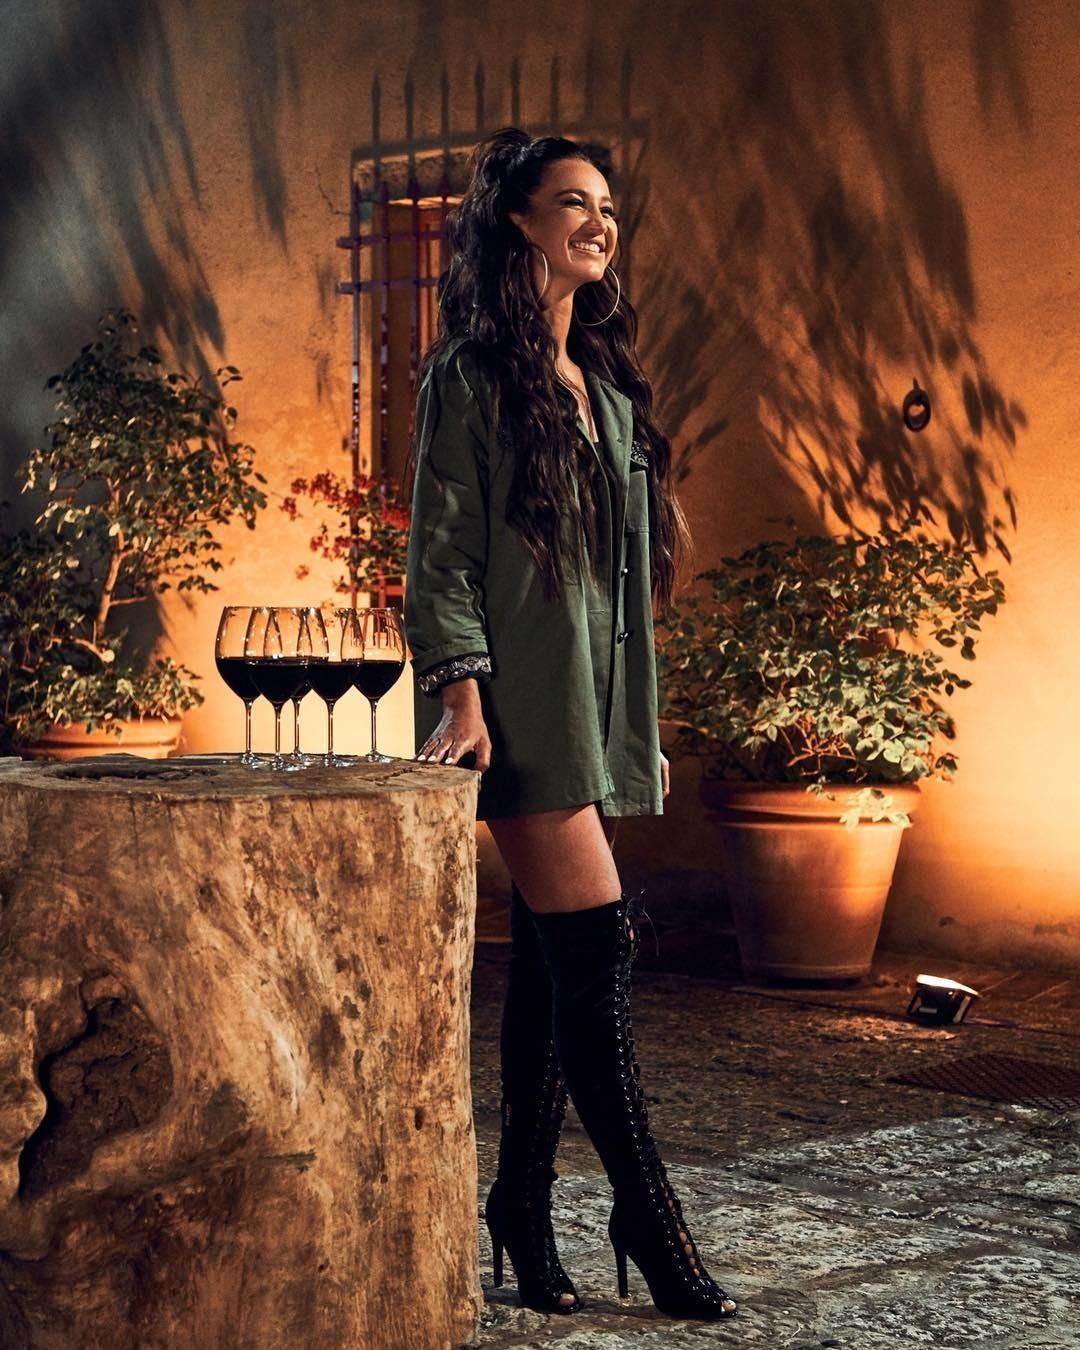 У Ольги Бузовой прекрасная стройная фигура, девушка просто потрясающе смотрелась в сарафанах из летящей ткани и платьях с цветочным принтом. Непонятно, зачем портить природную красоту фиг...